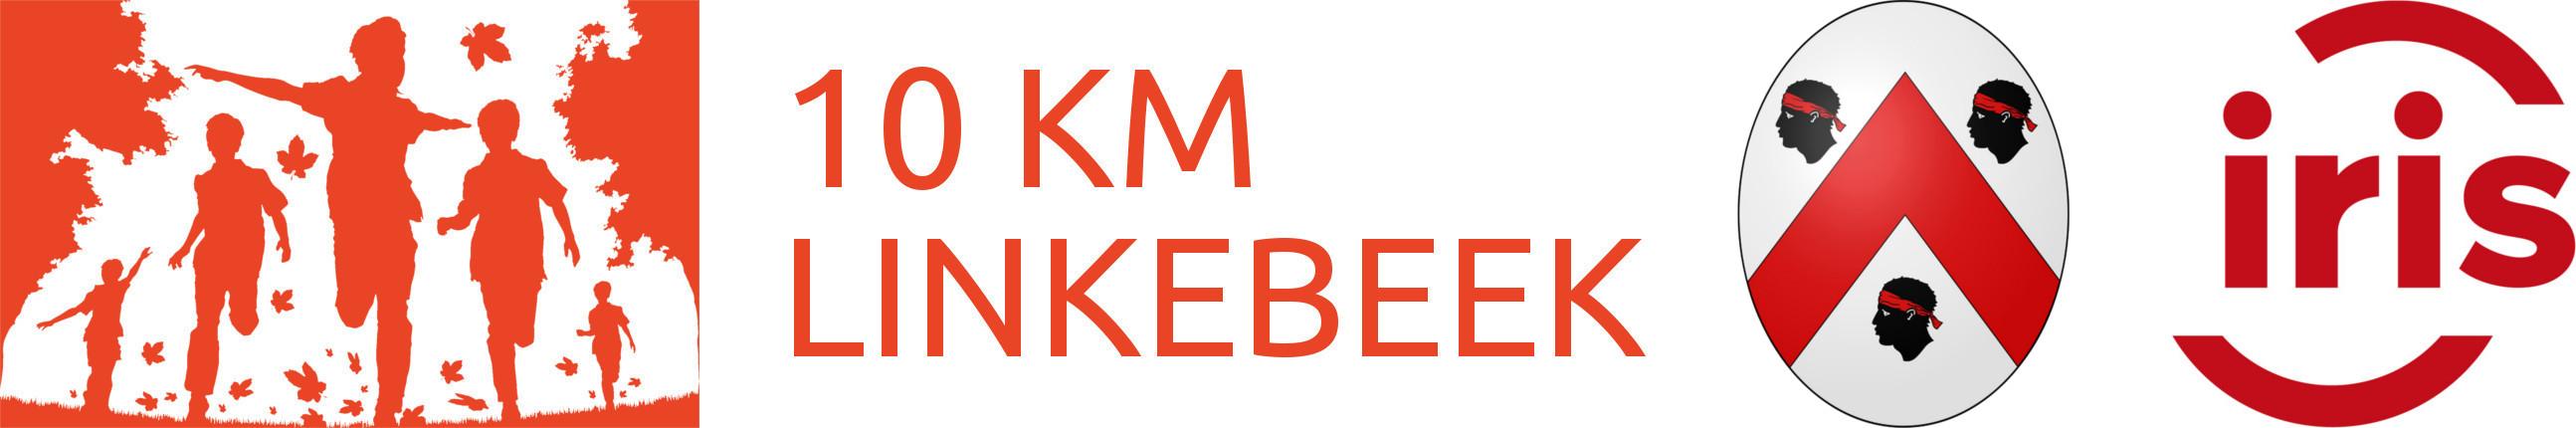 10 km Linkebeek